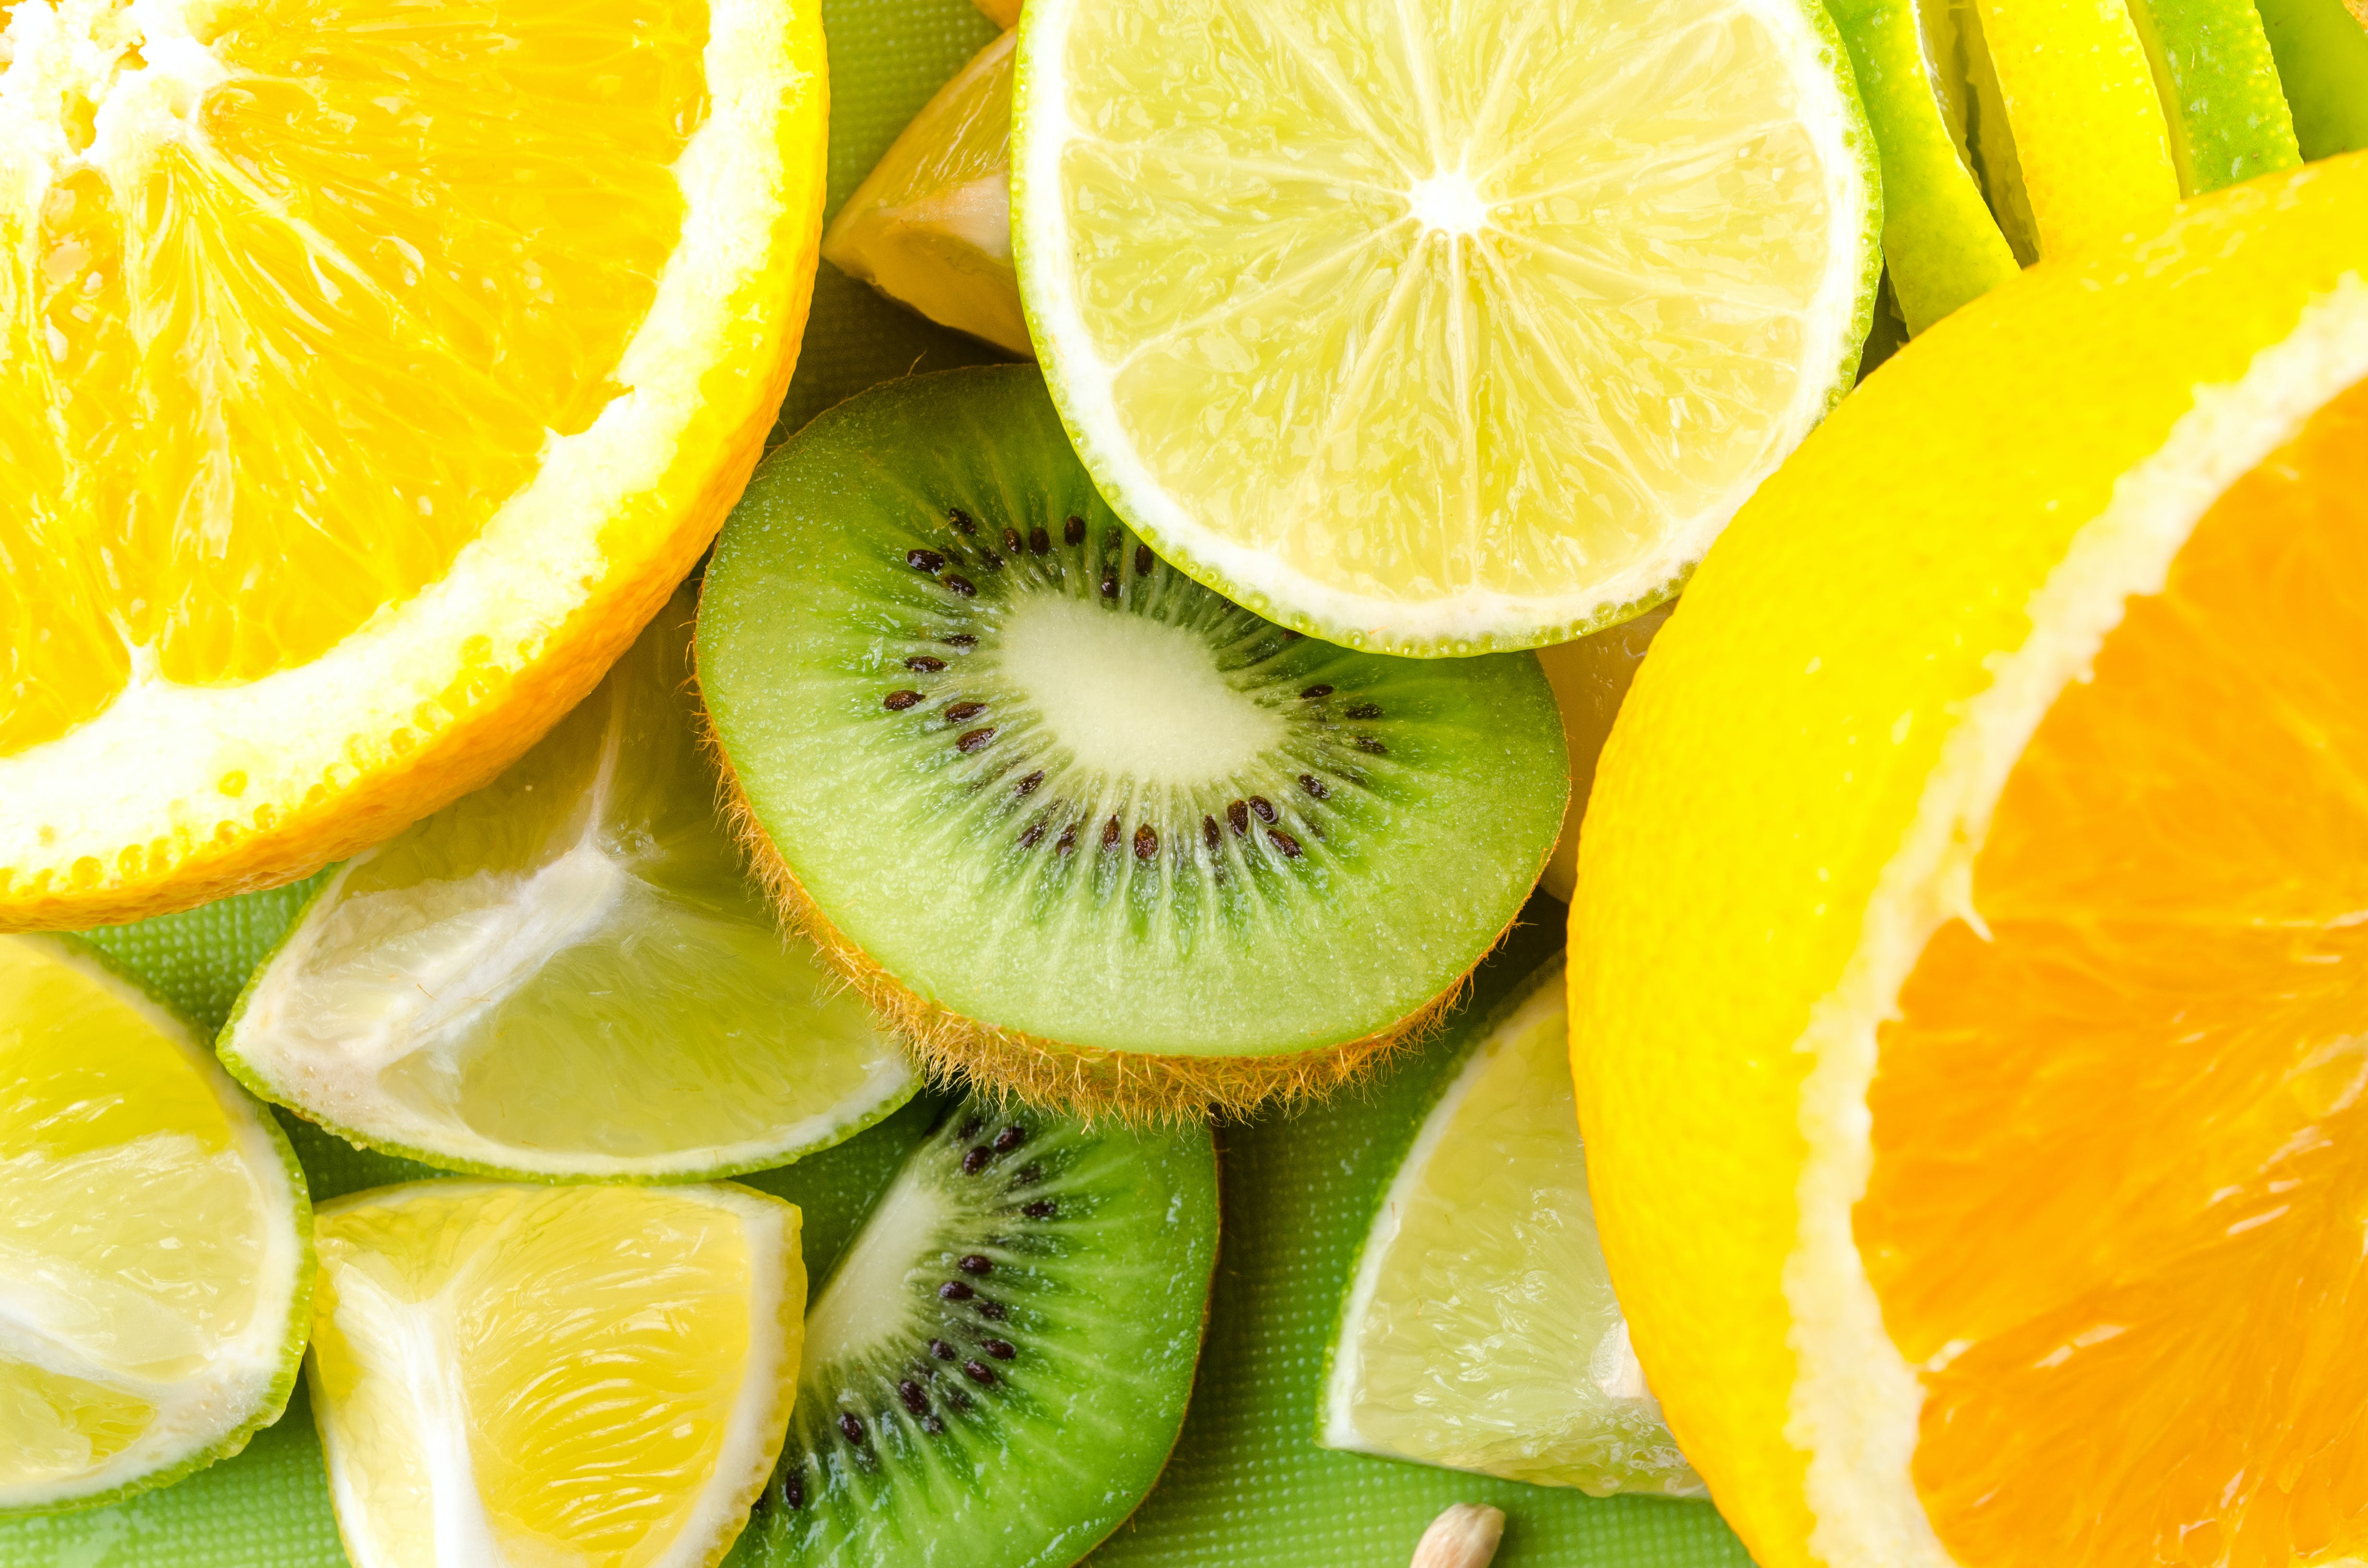 Photo of Sliced Kiwi, Lemon, and Orange Fruits